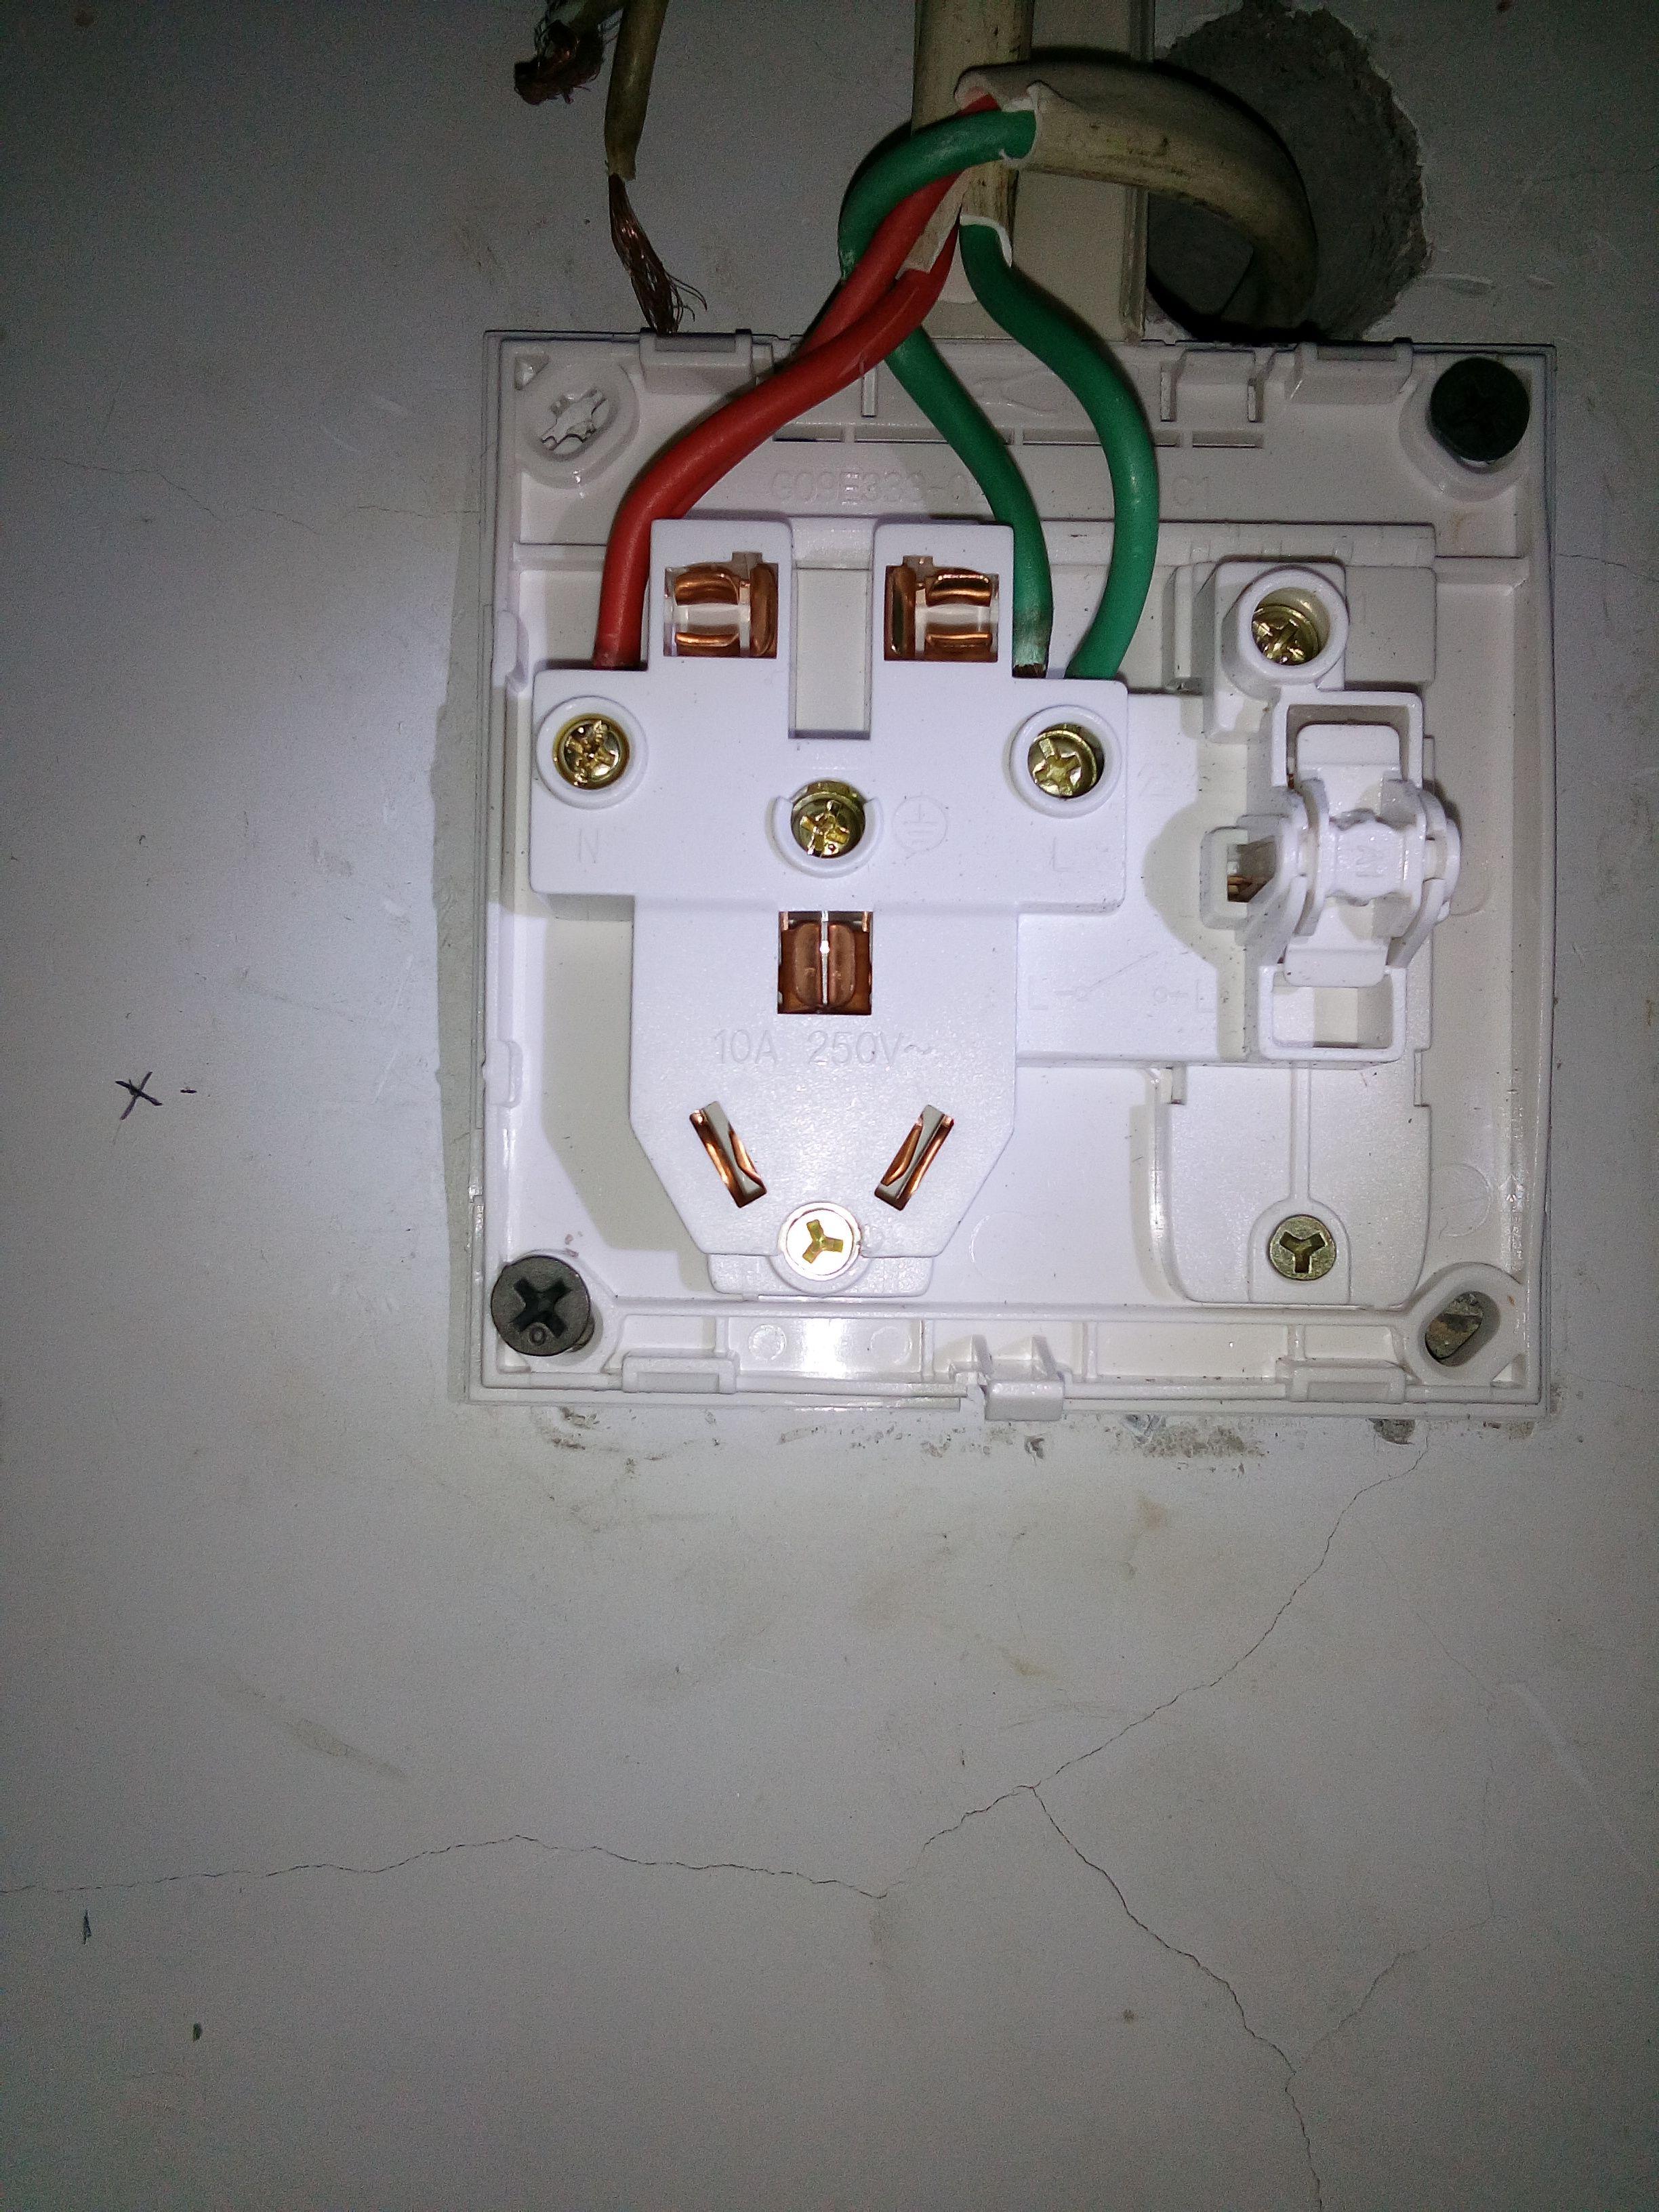 公牛墙壁开关插座一开五孔四个接线柱都怎么接线